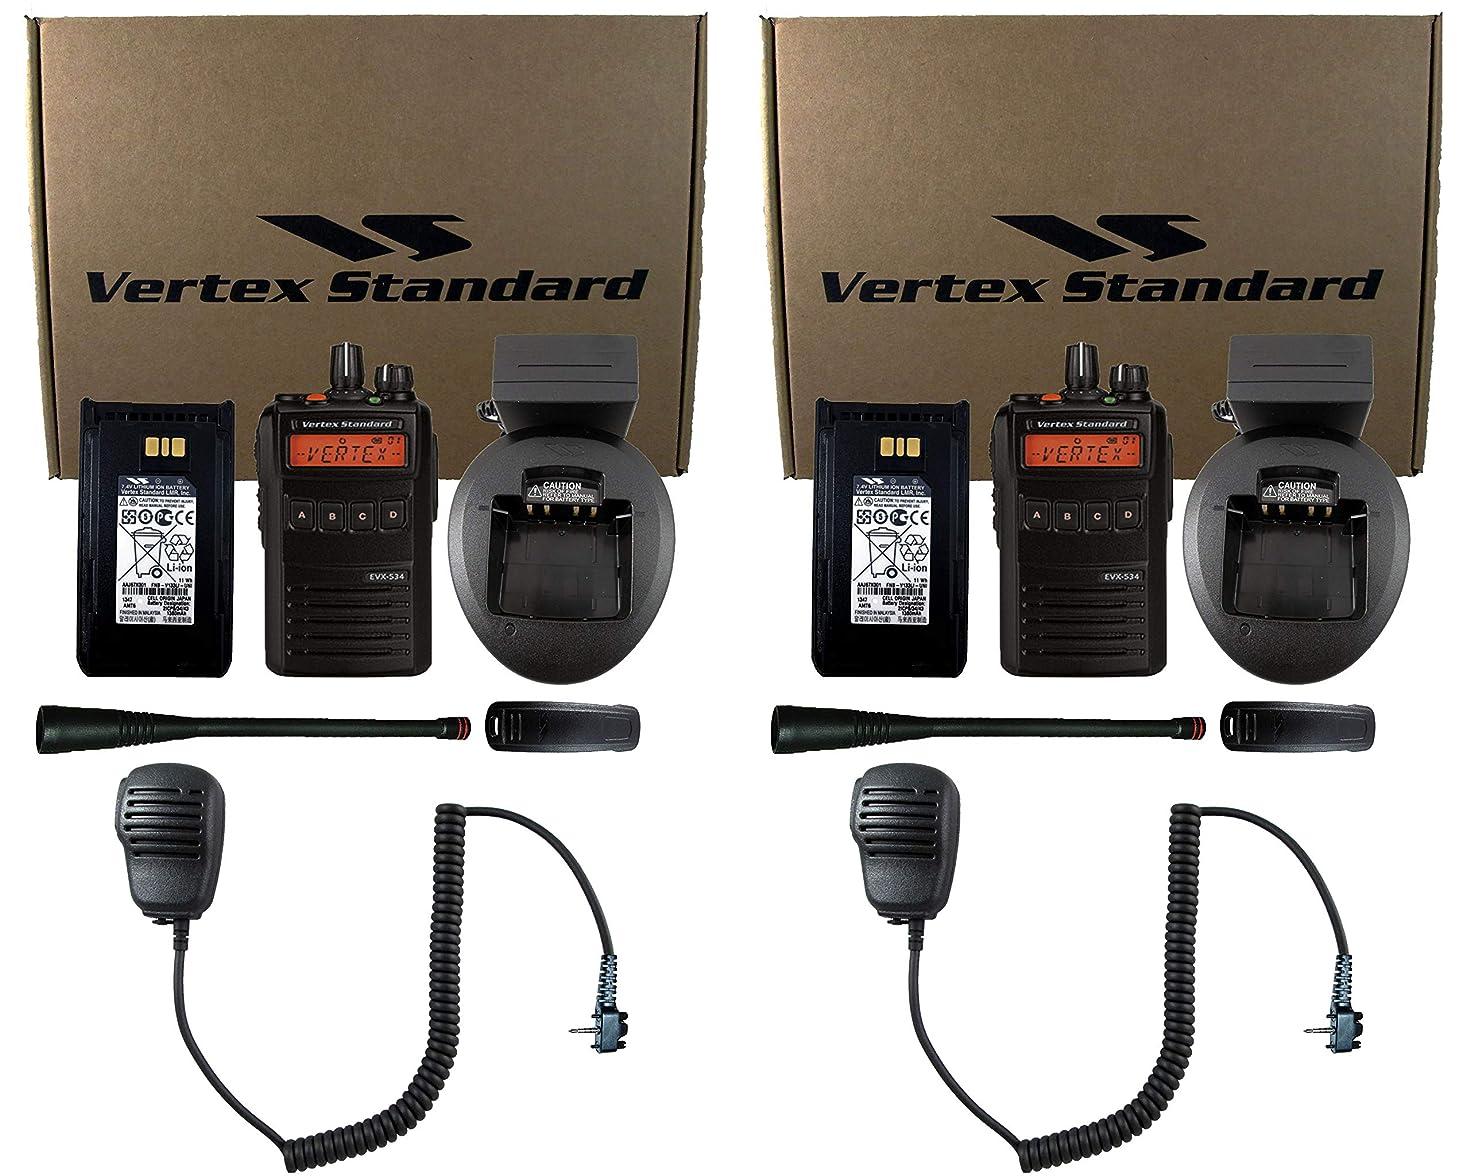 Vertex Standard EVX-534-G7 UHF 450-512MHz Analog/Digital DMR Portable Two Way Radio Full Package with Speaker Microphones (2-Pack)